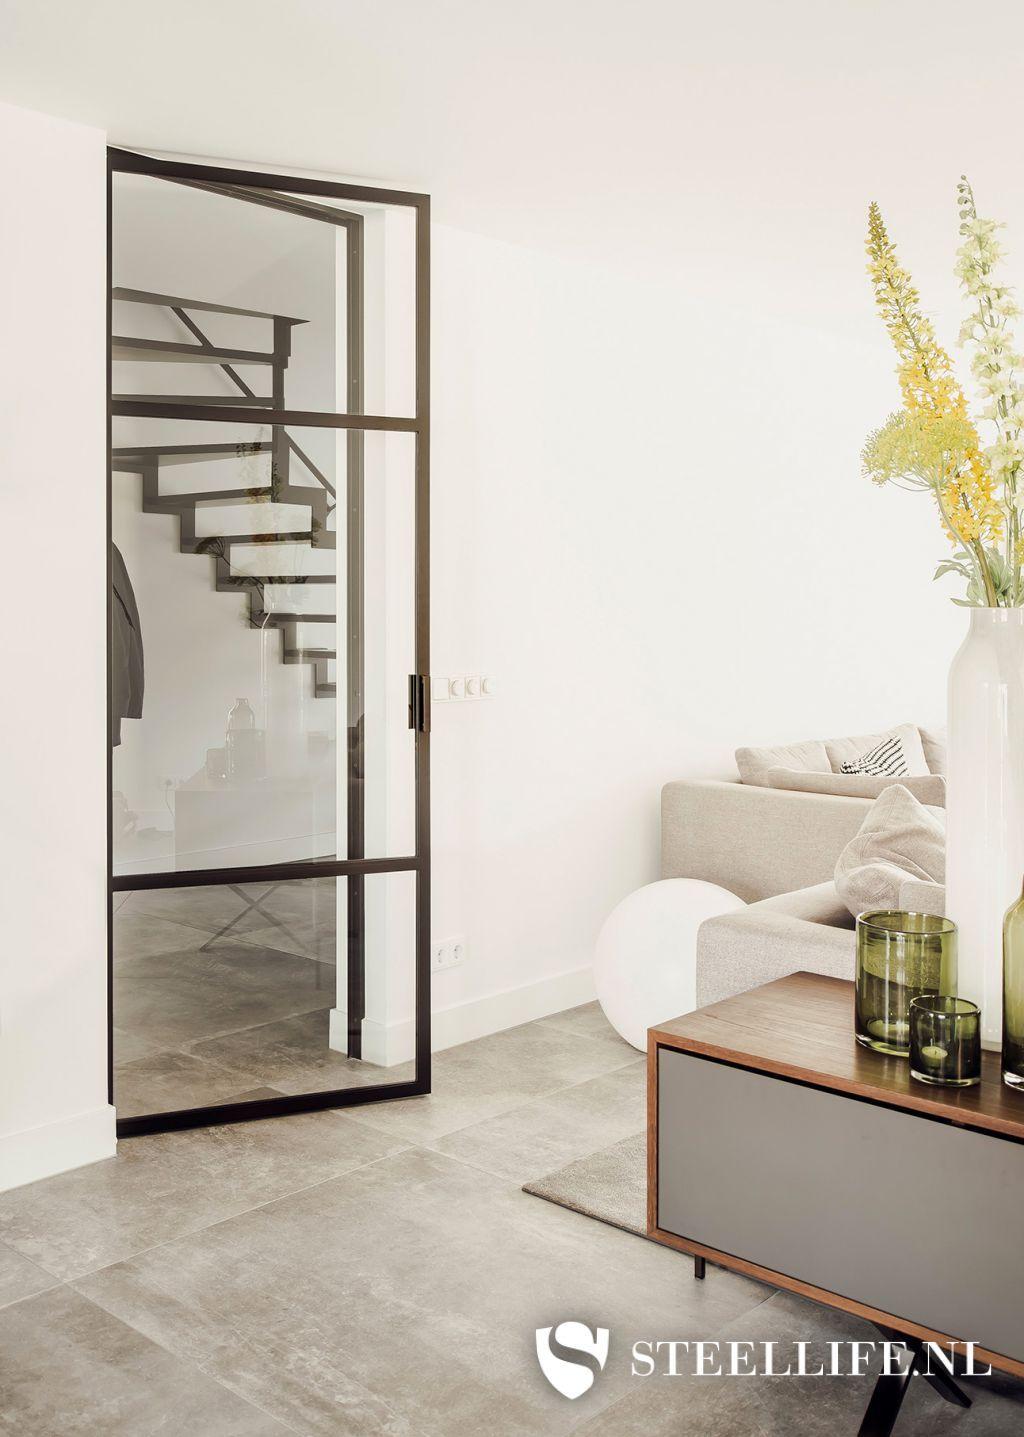 Steel interior doors, metal doors with glass and steel frame …